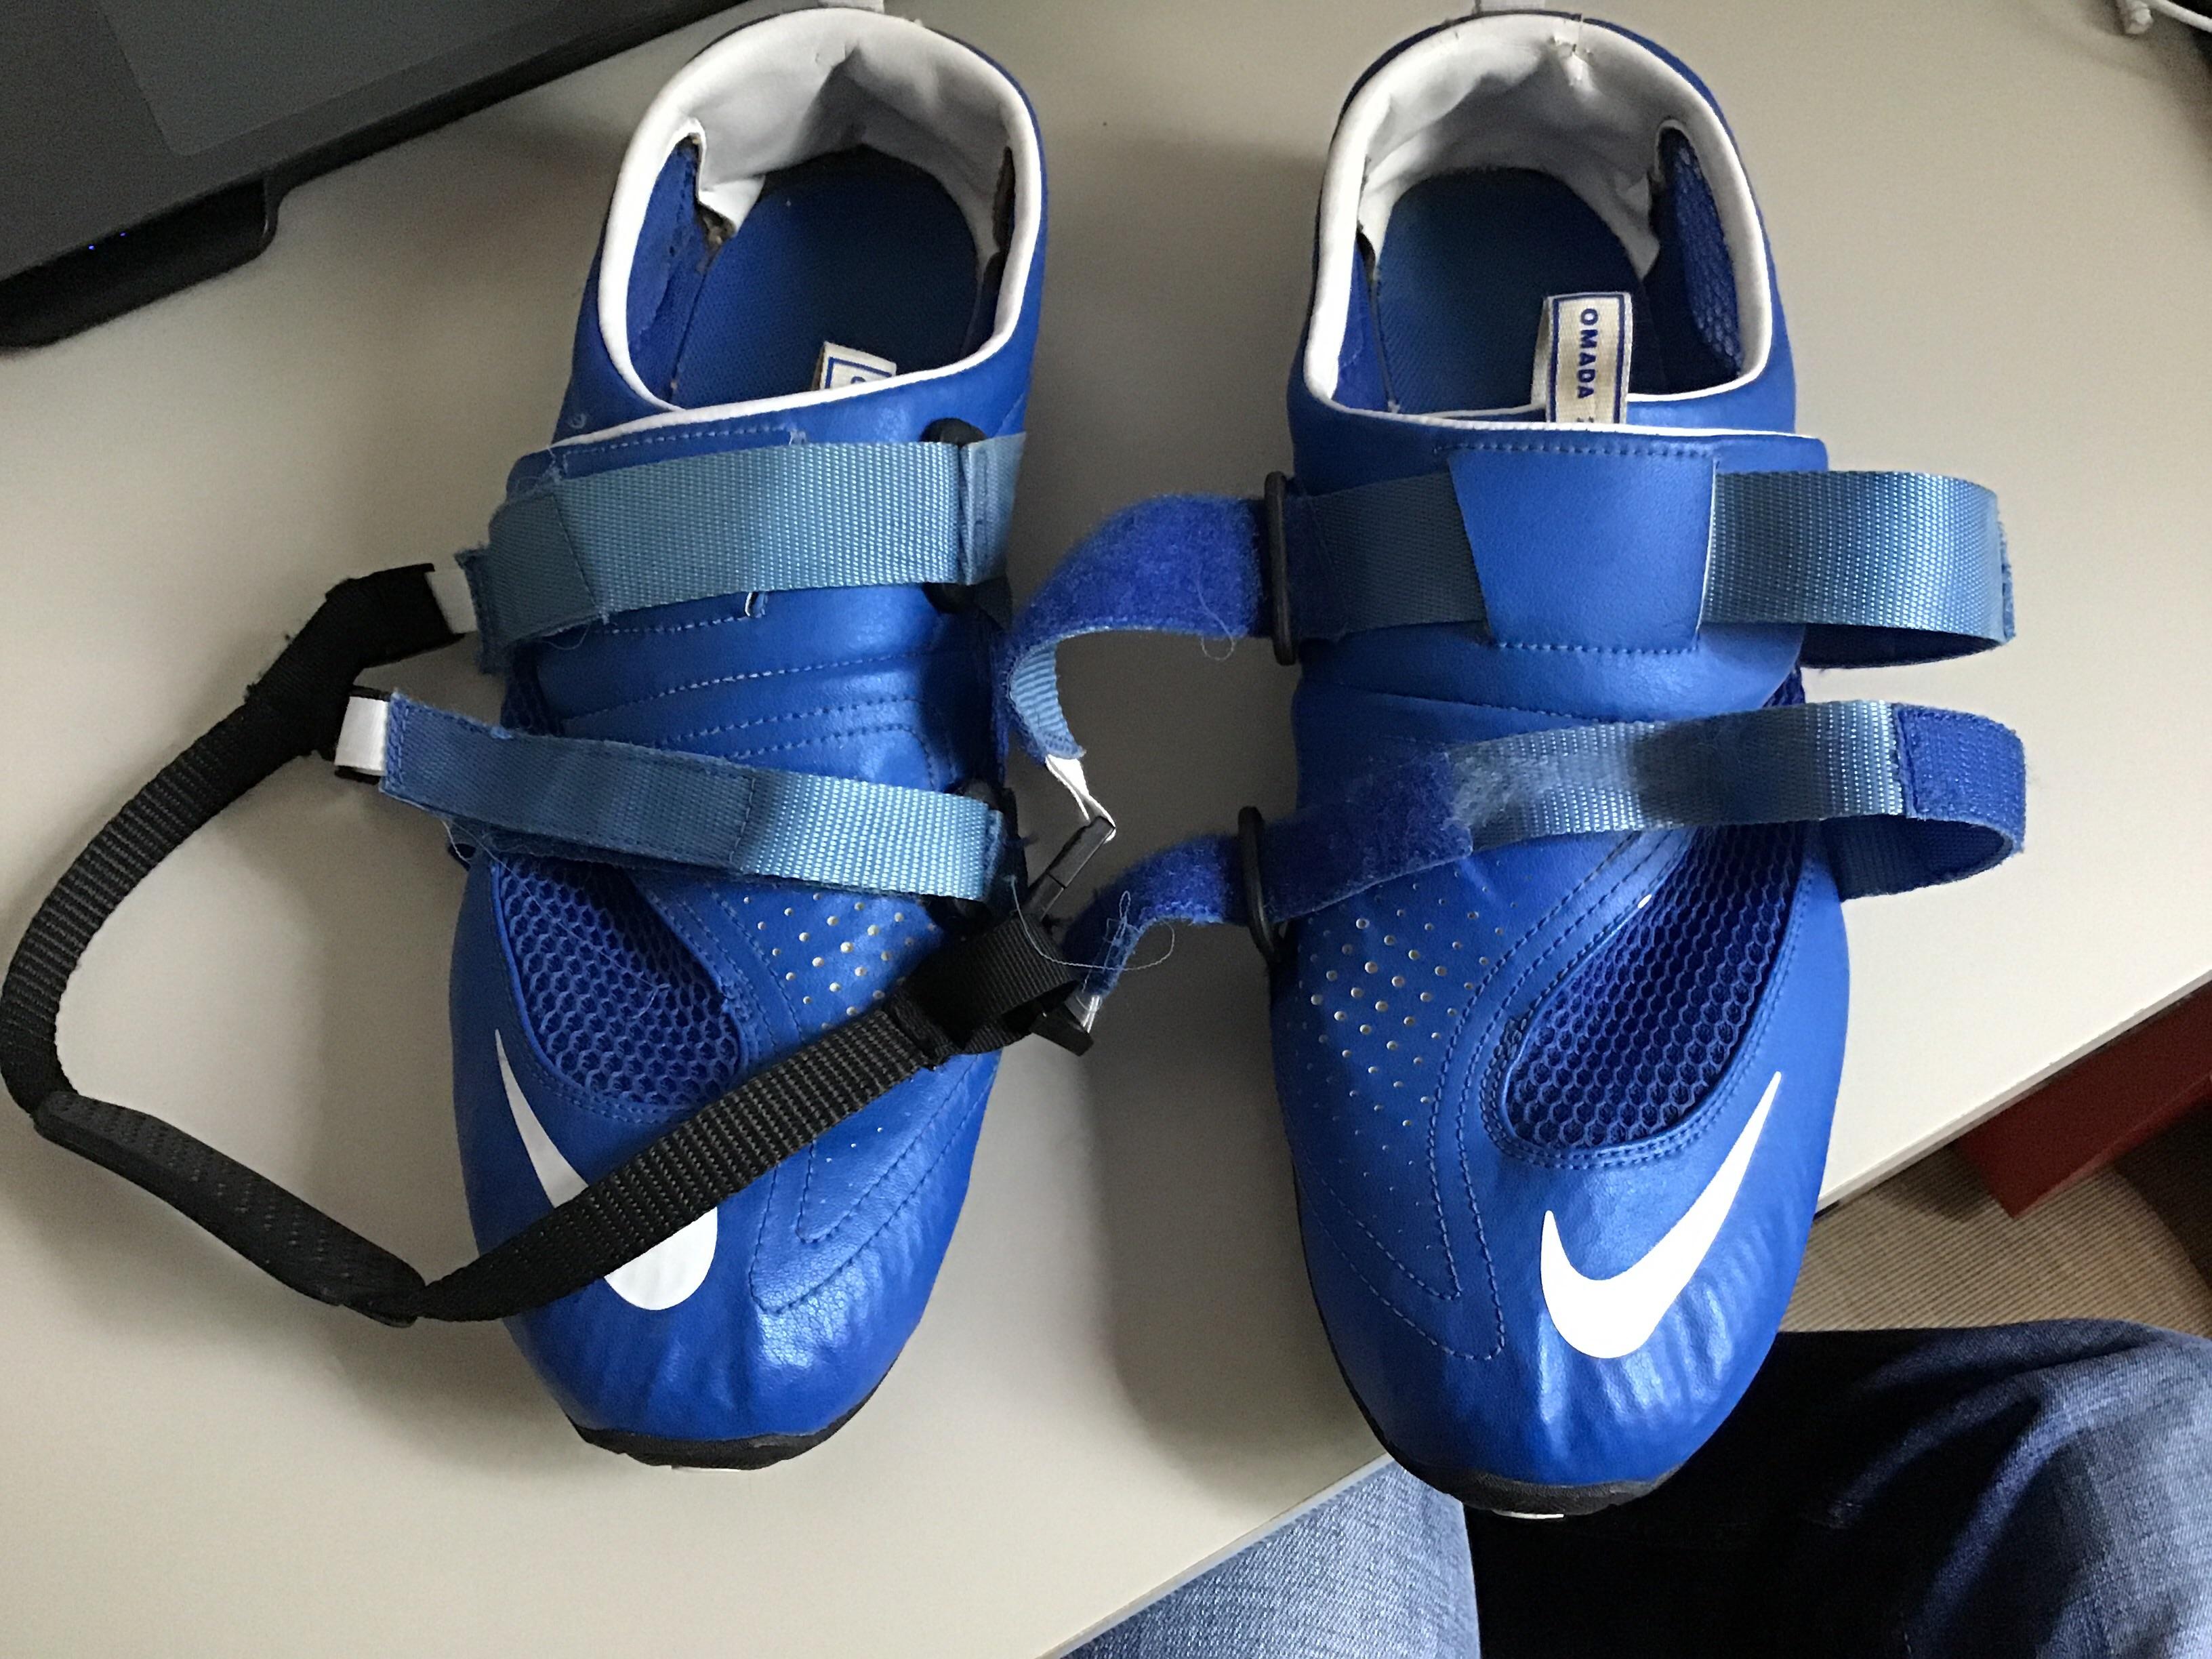 Pair of Nike Omada 2 Rowing Shoes Size UK14/US15